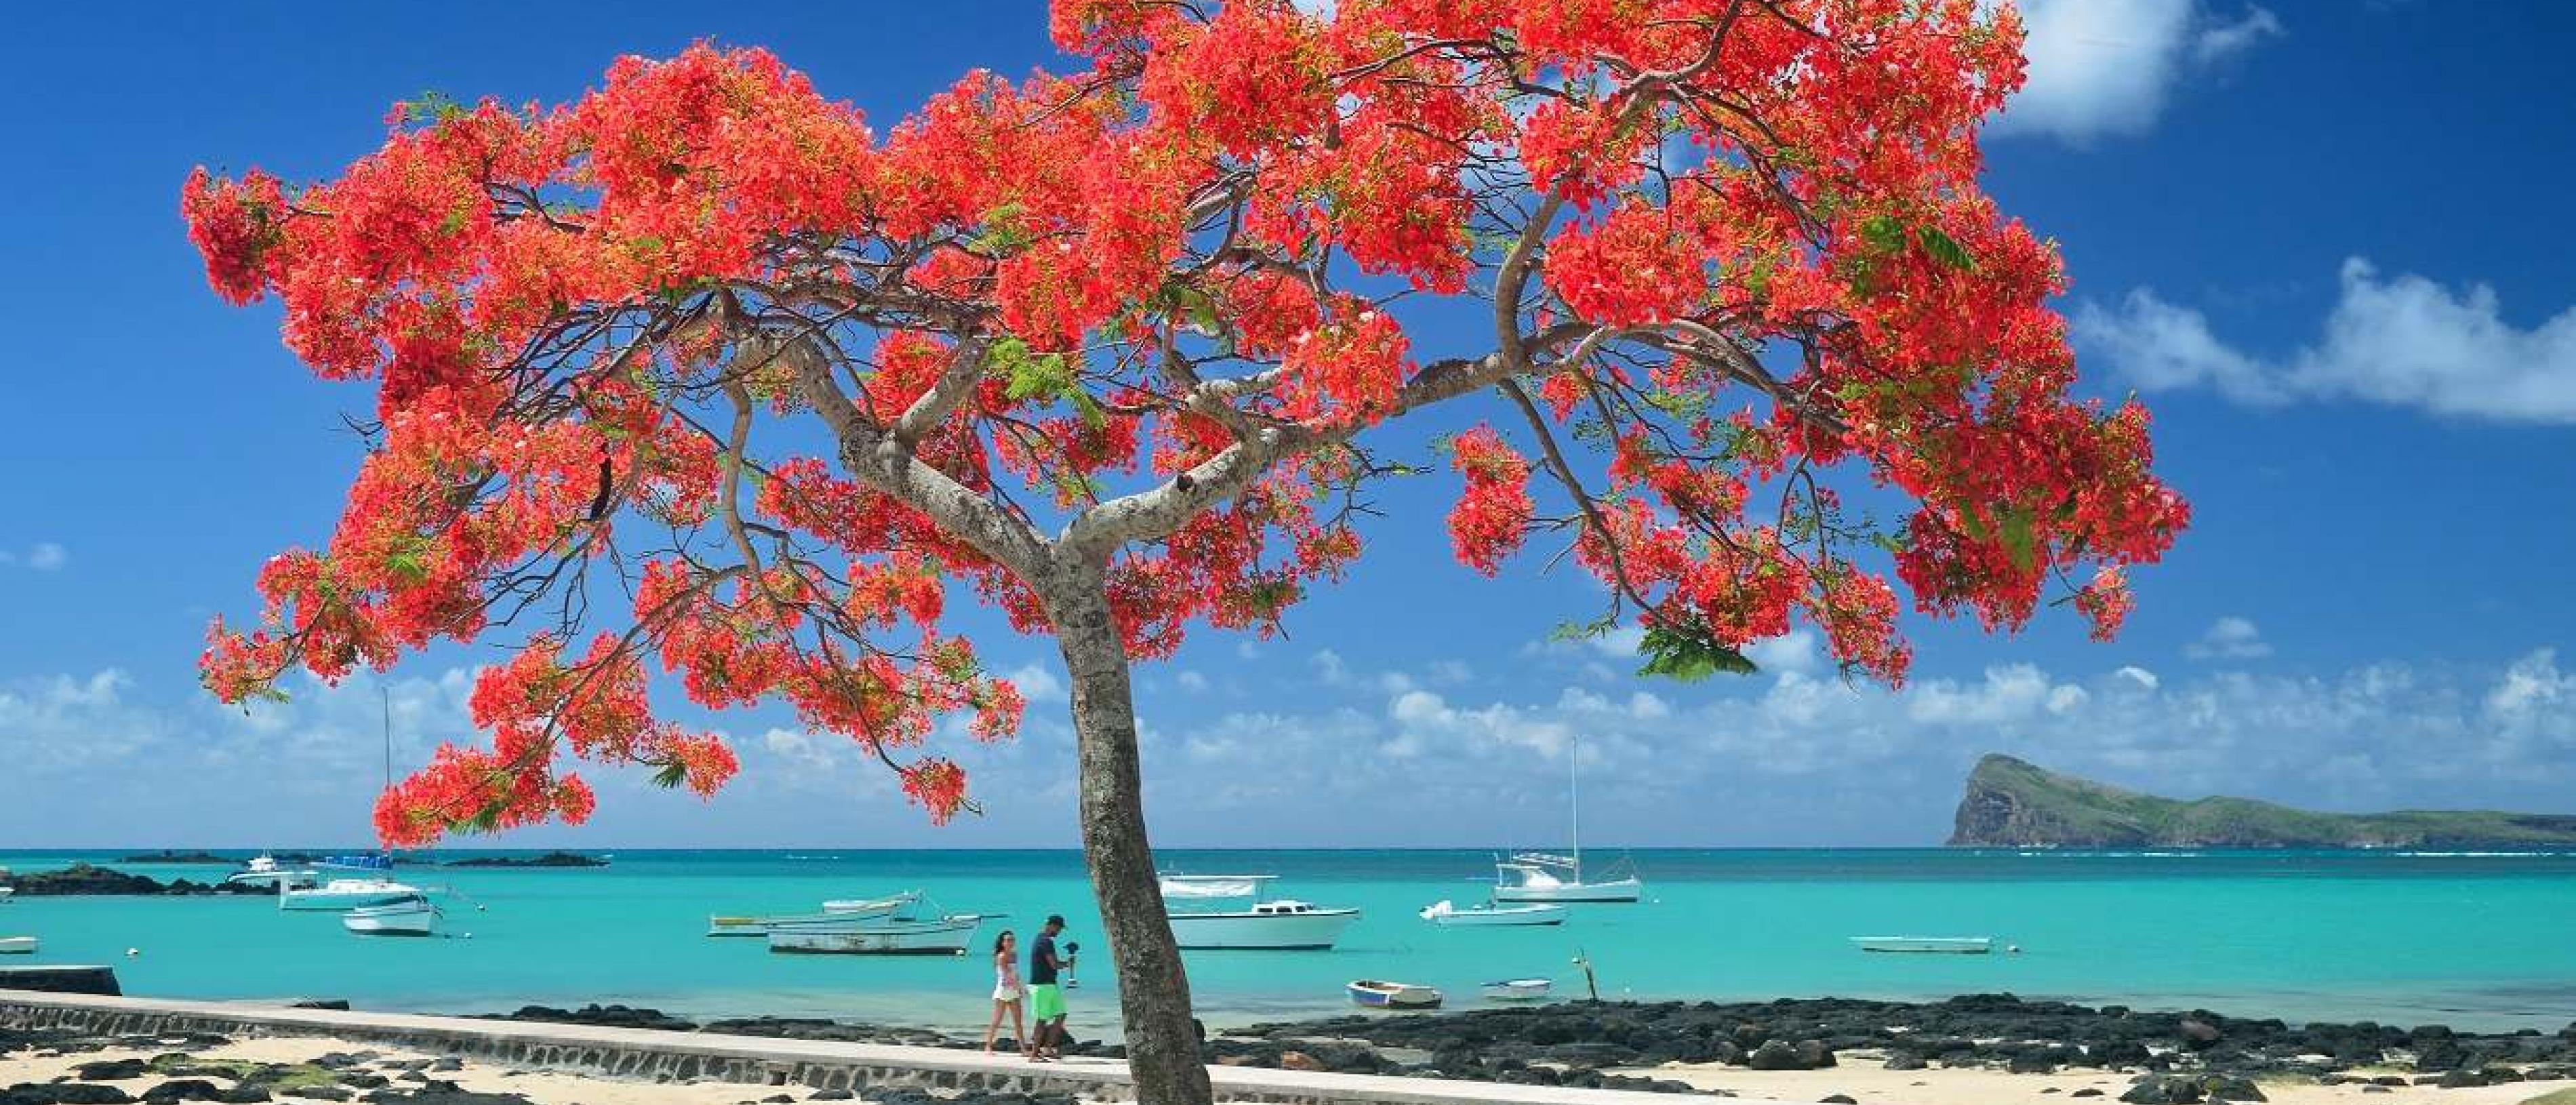 Нова Година 2020 на остров Мавриций